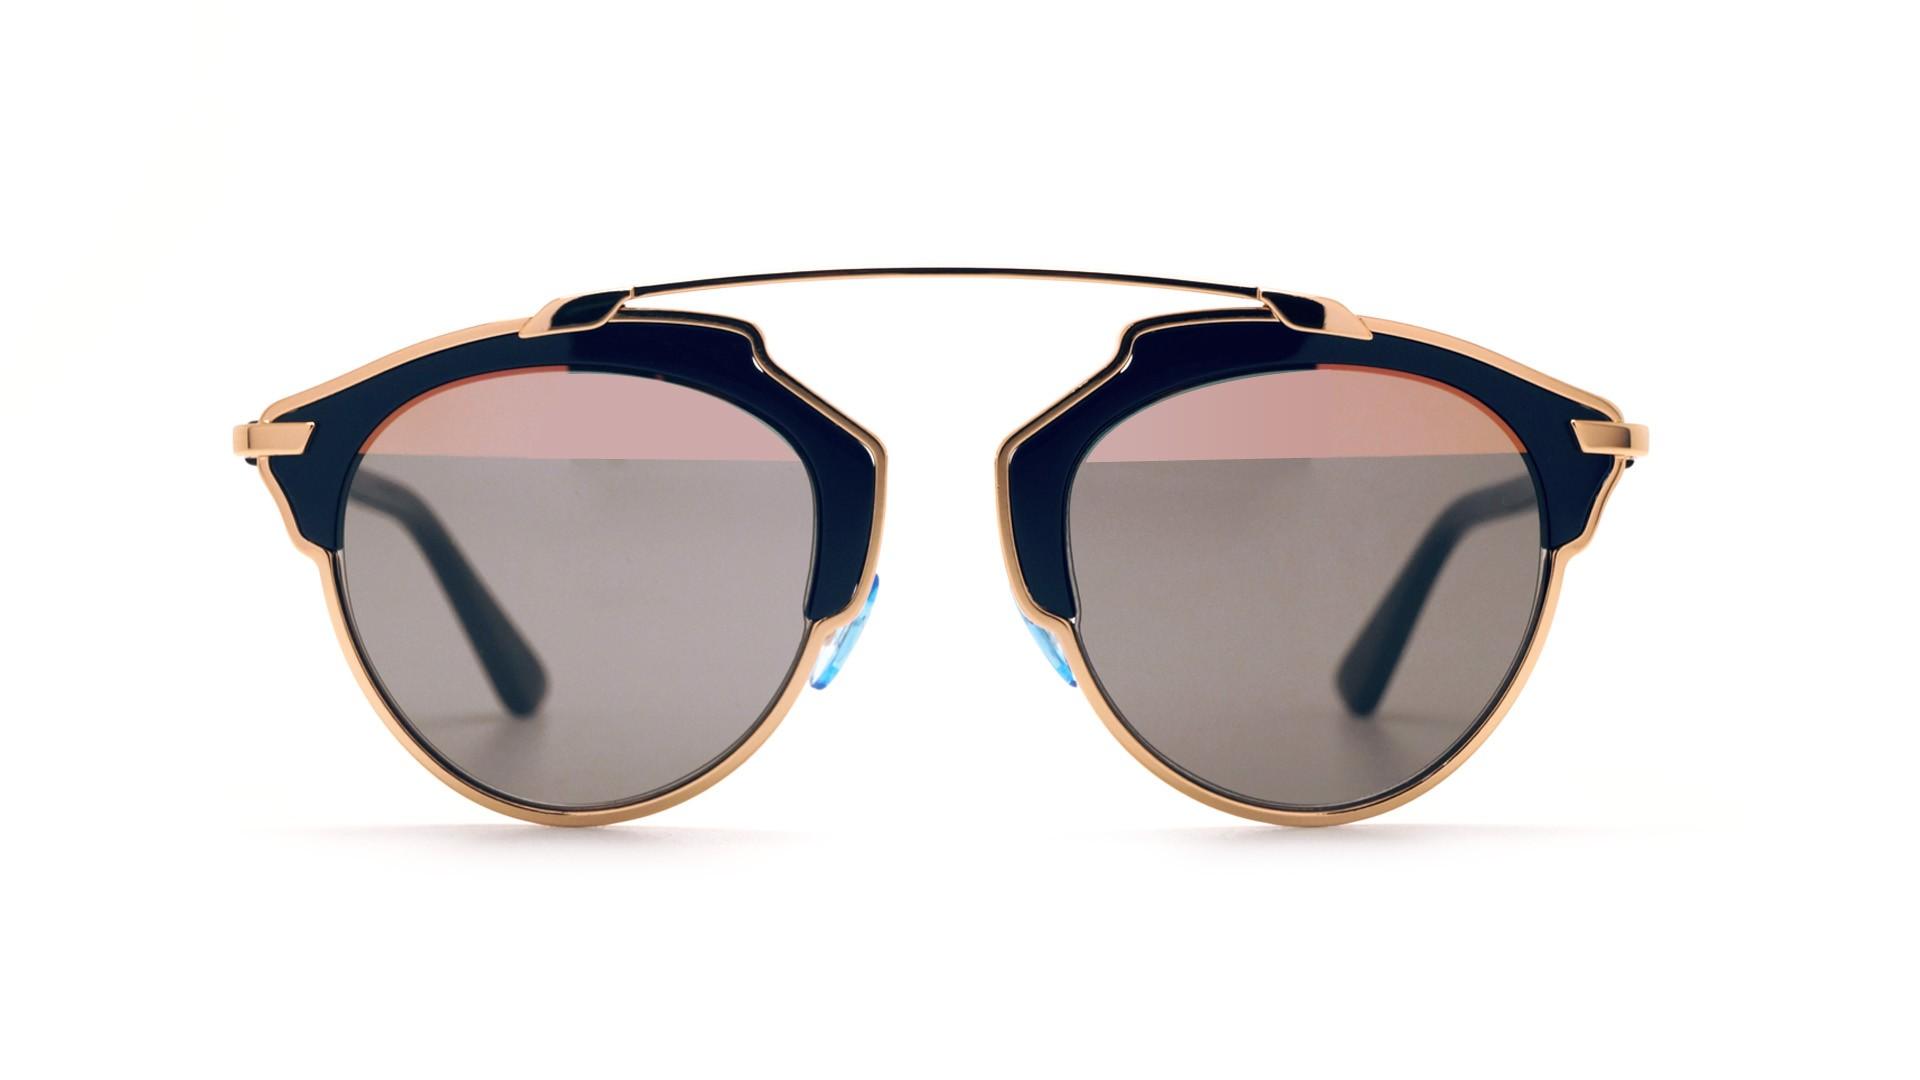 4553a4dcd34d Sunglasses Dior Soreal Gold U5WZJ 48-22 Medium